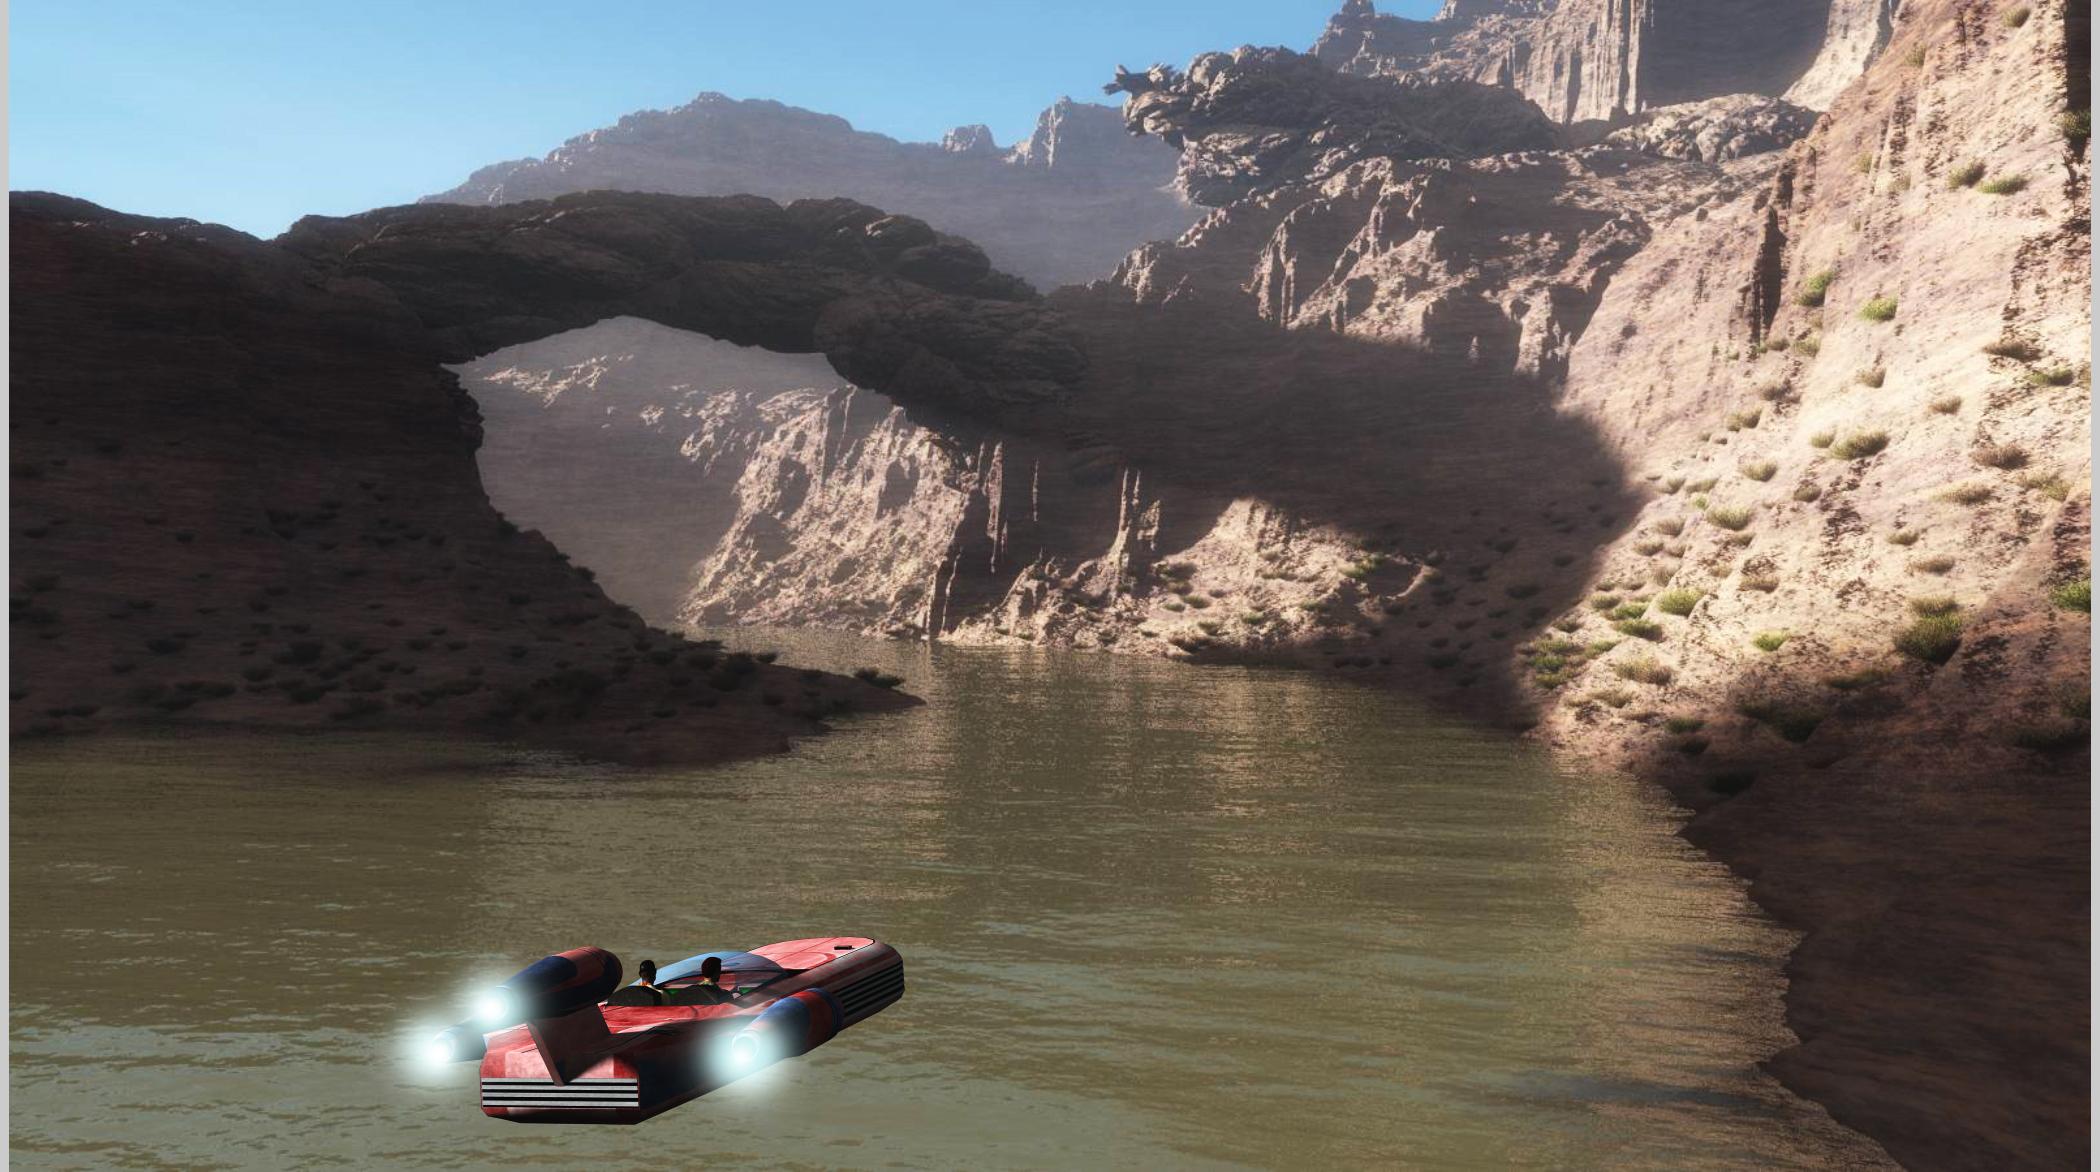 Flugtour durch Mashratan - offenbar mit einem Gleiter von der Welt Tatooine. (C) Roland Wolf